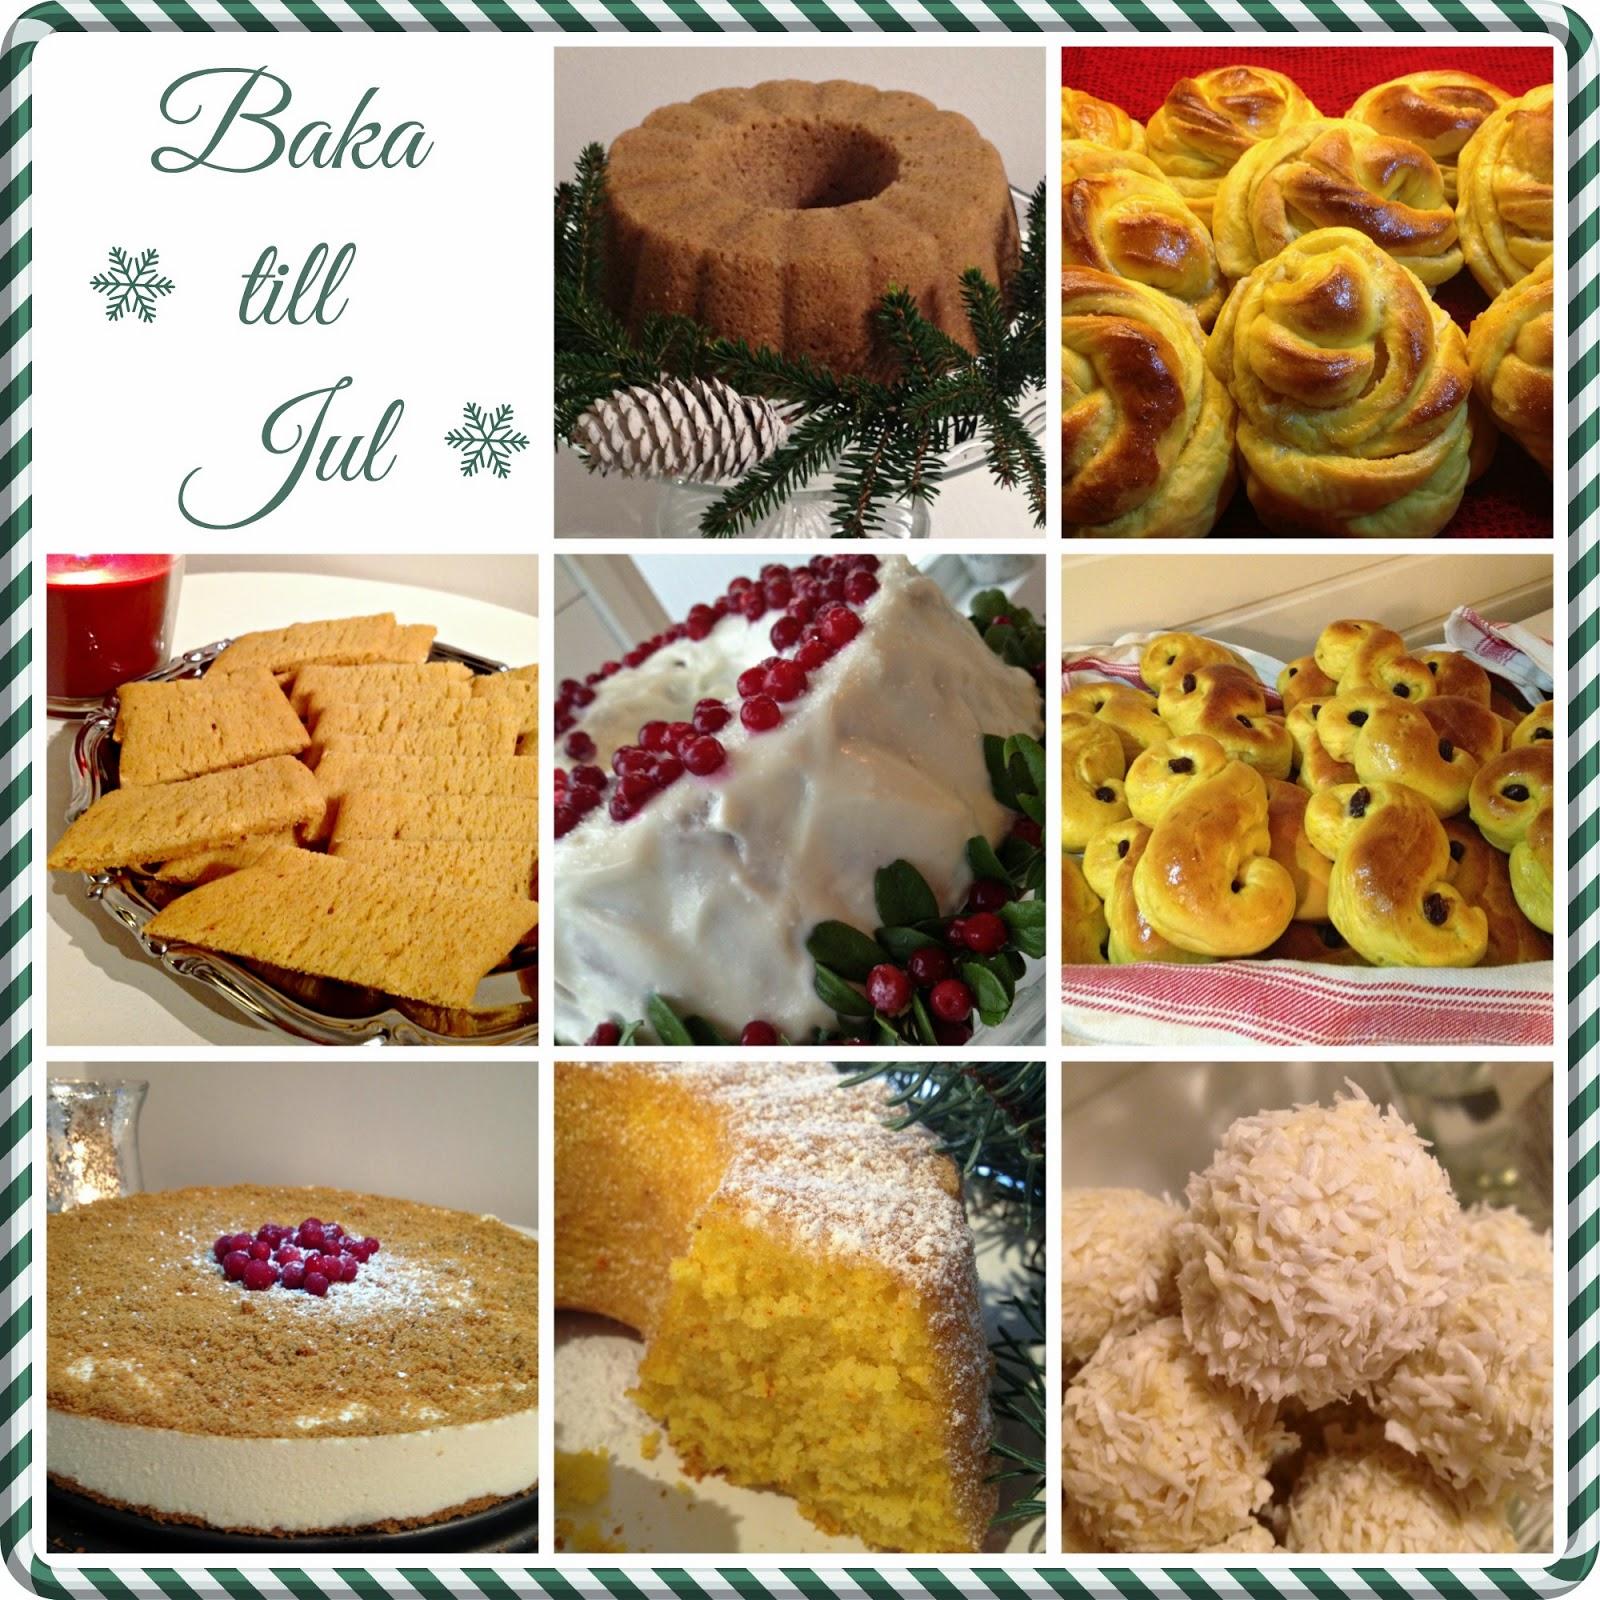 baka till jul